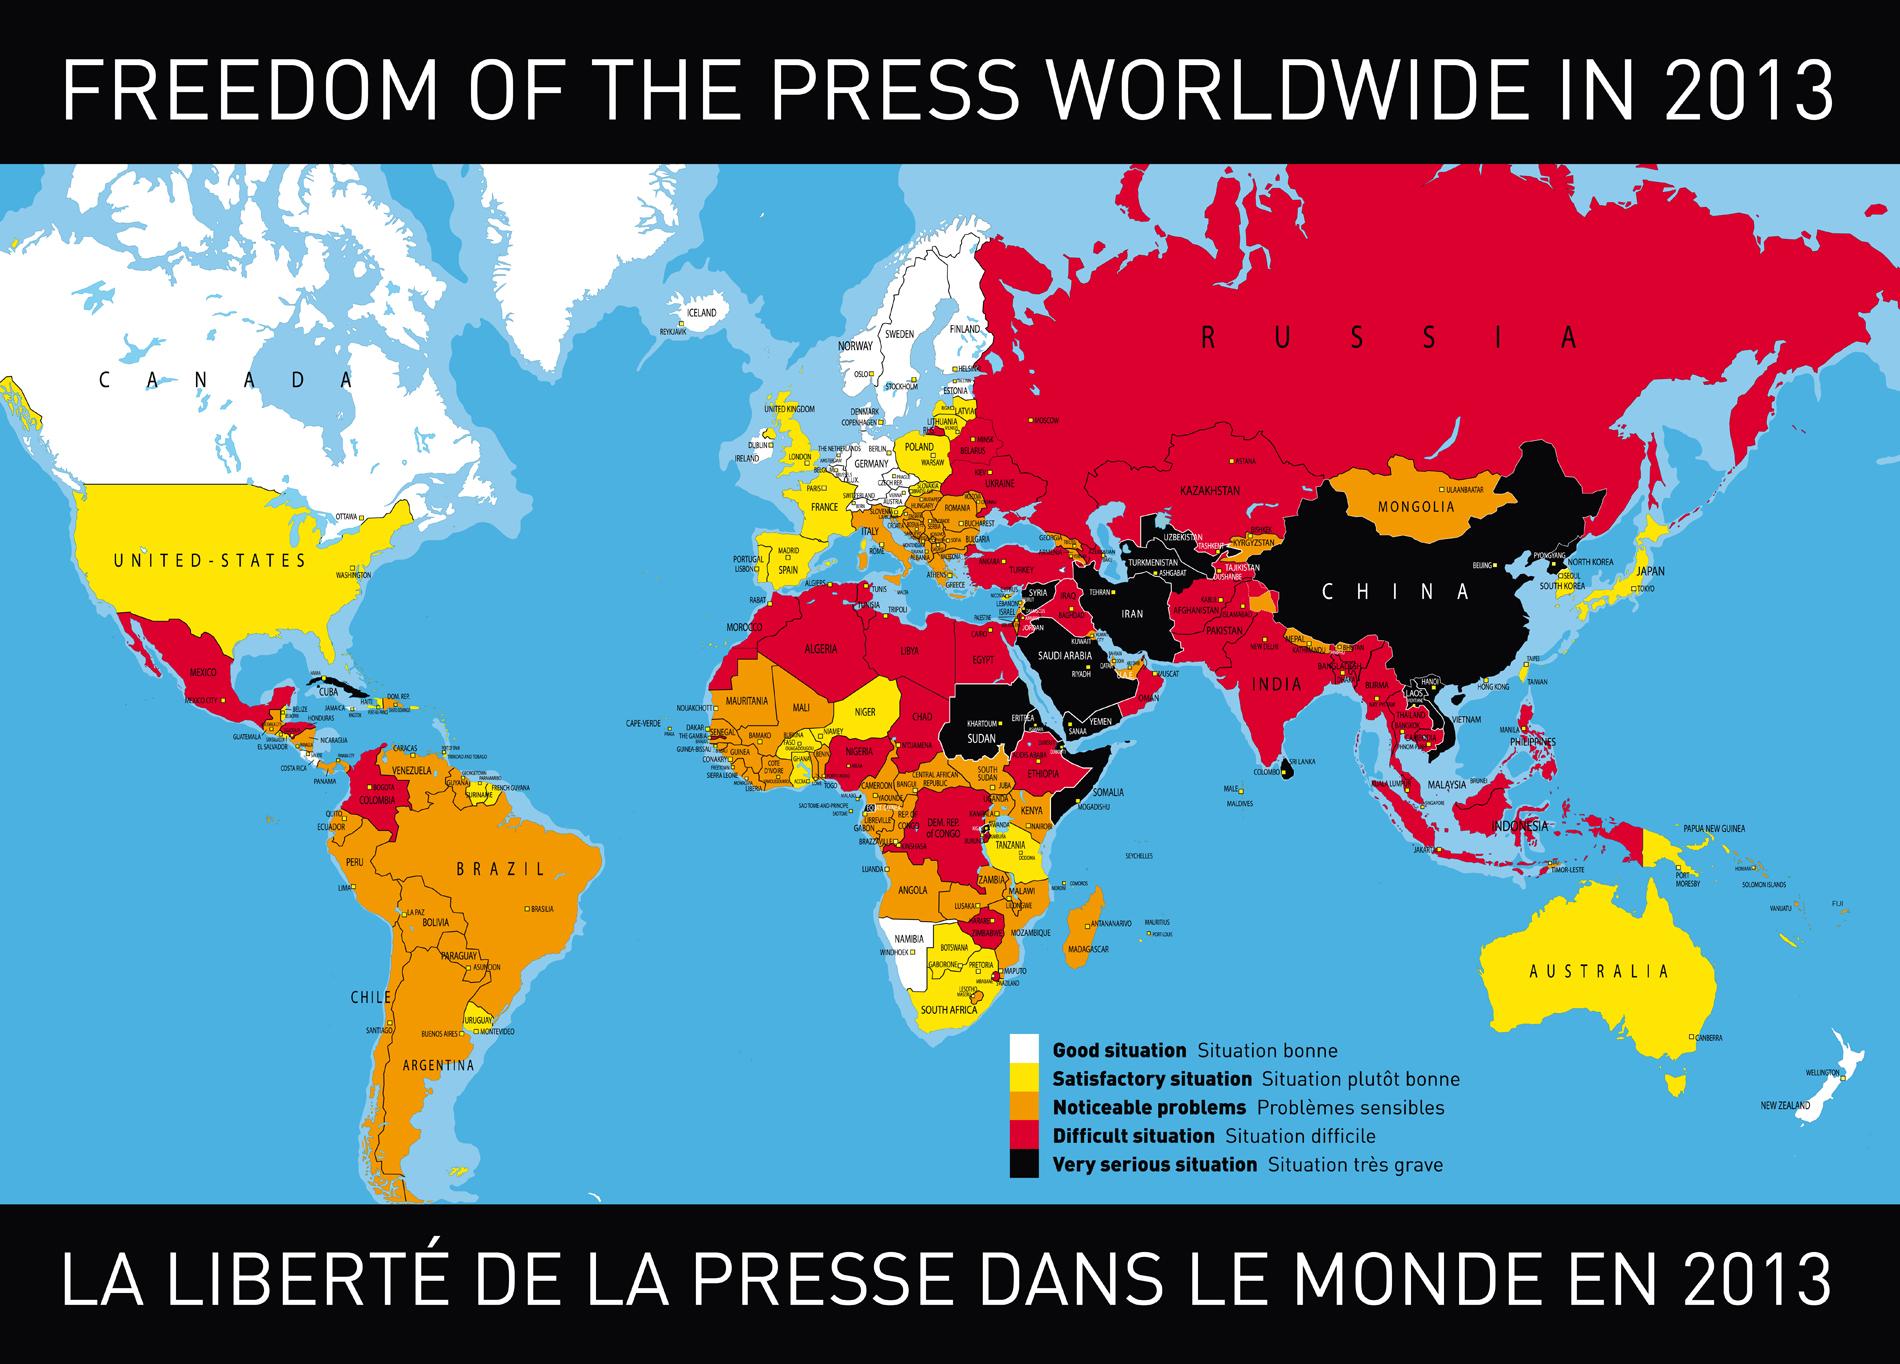 Carte de la liberté de la presse en 2013 par Reporters sans Frontières.